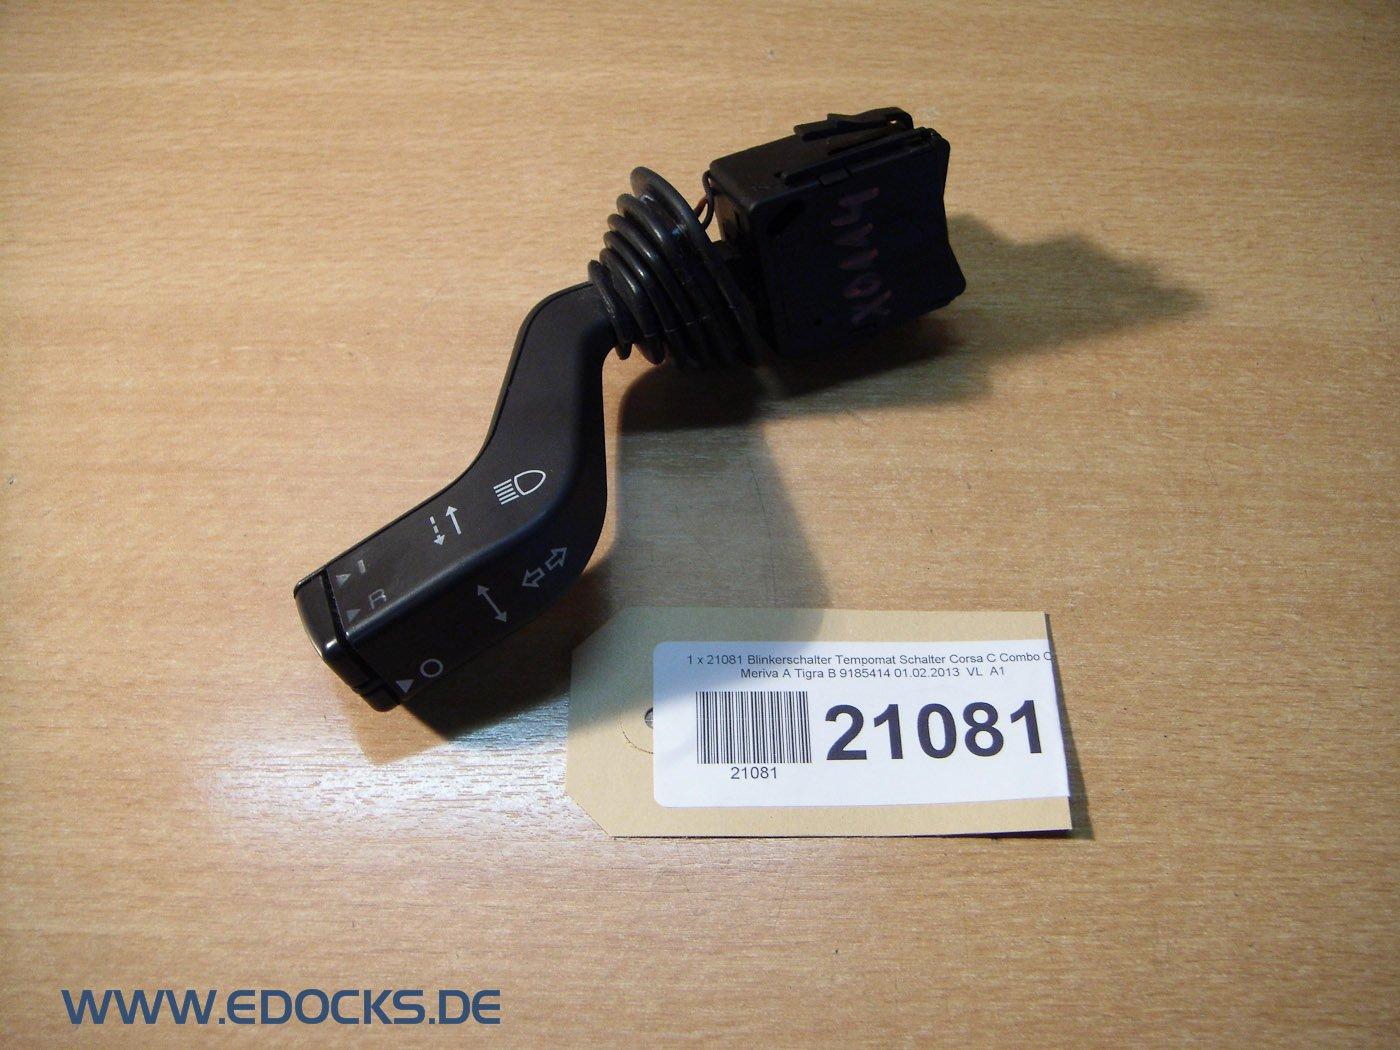 Blinkerschalter Blinker Schalter Opel Corsa Combo Meriva Tigra ohne Tempomat NEU